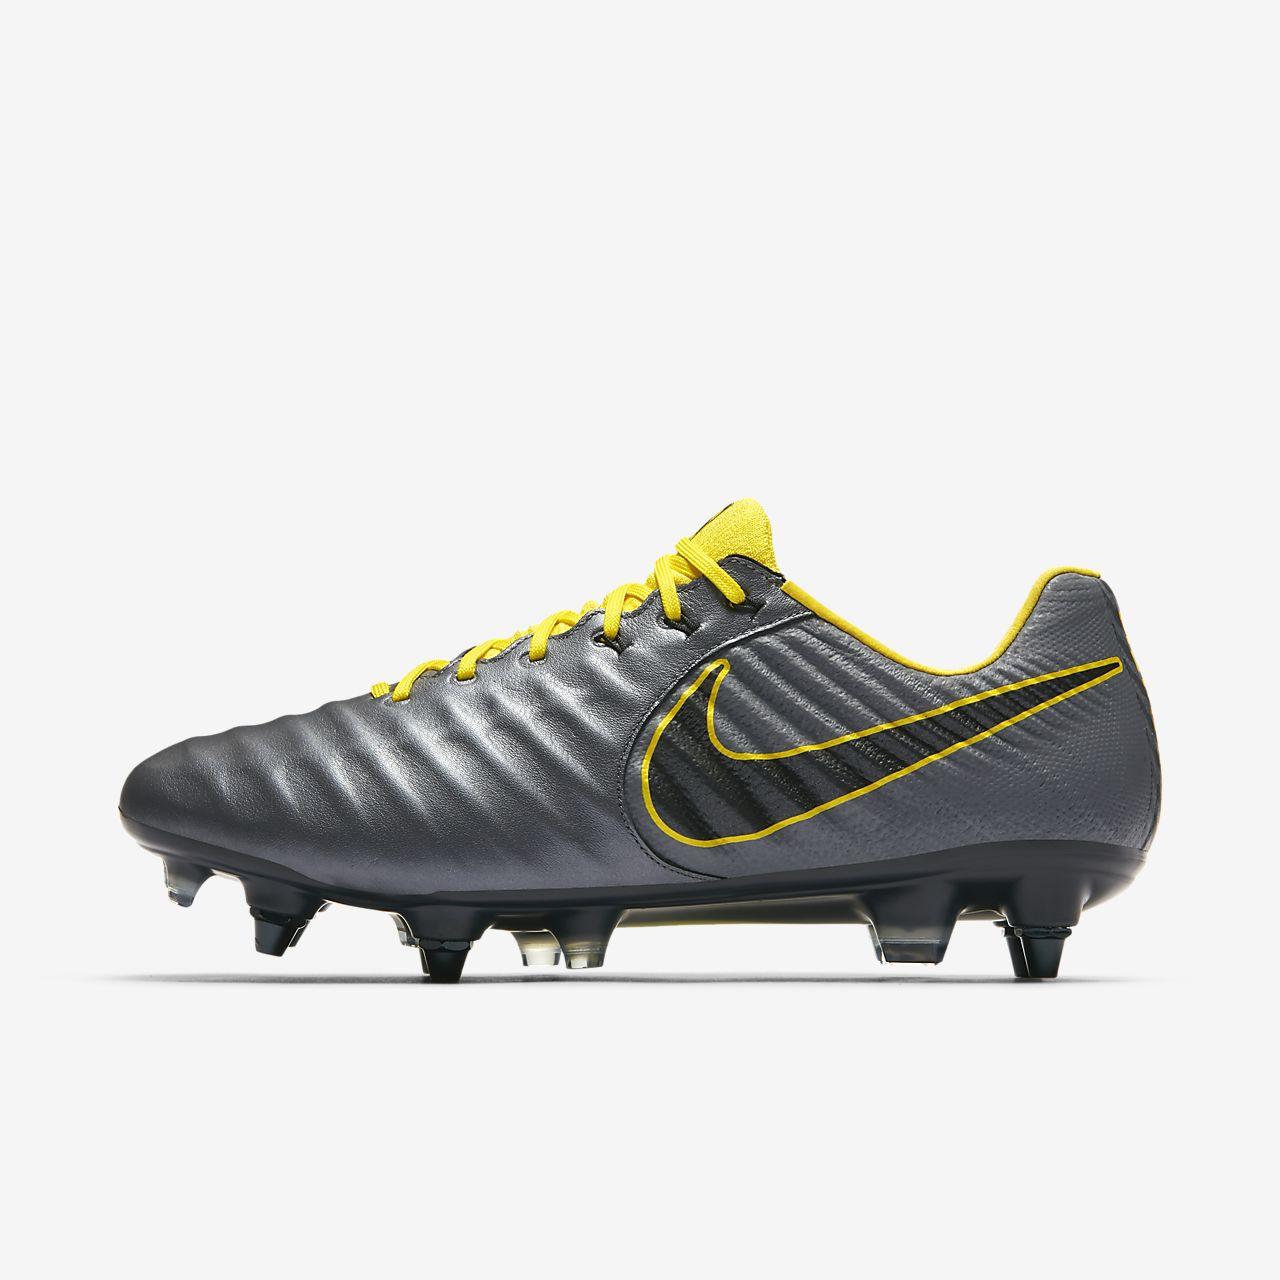 646a59fb0aaec ... Nike Tiempo Legend VII Elite SG-Pro Anti-Clog Botas de fútbol para  terreno